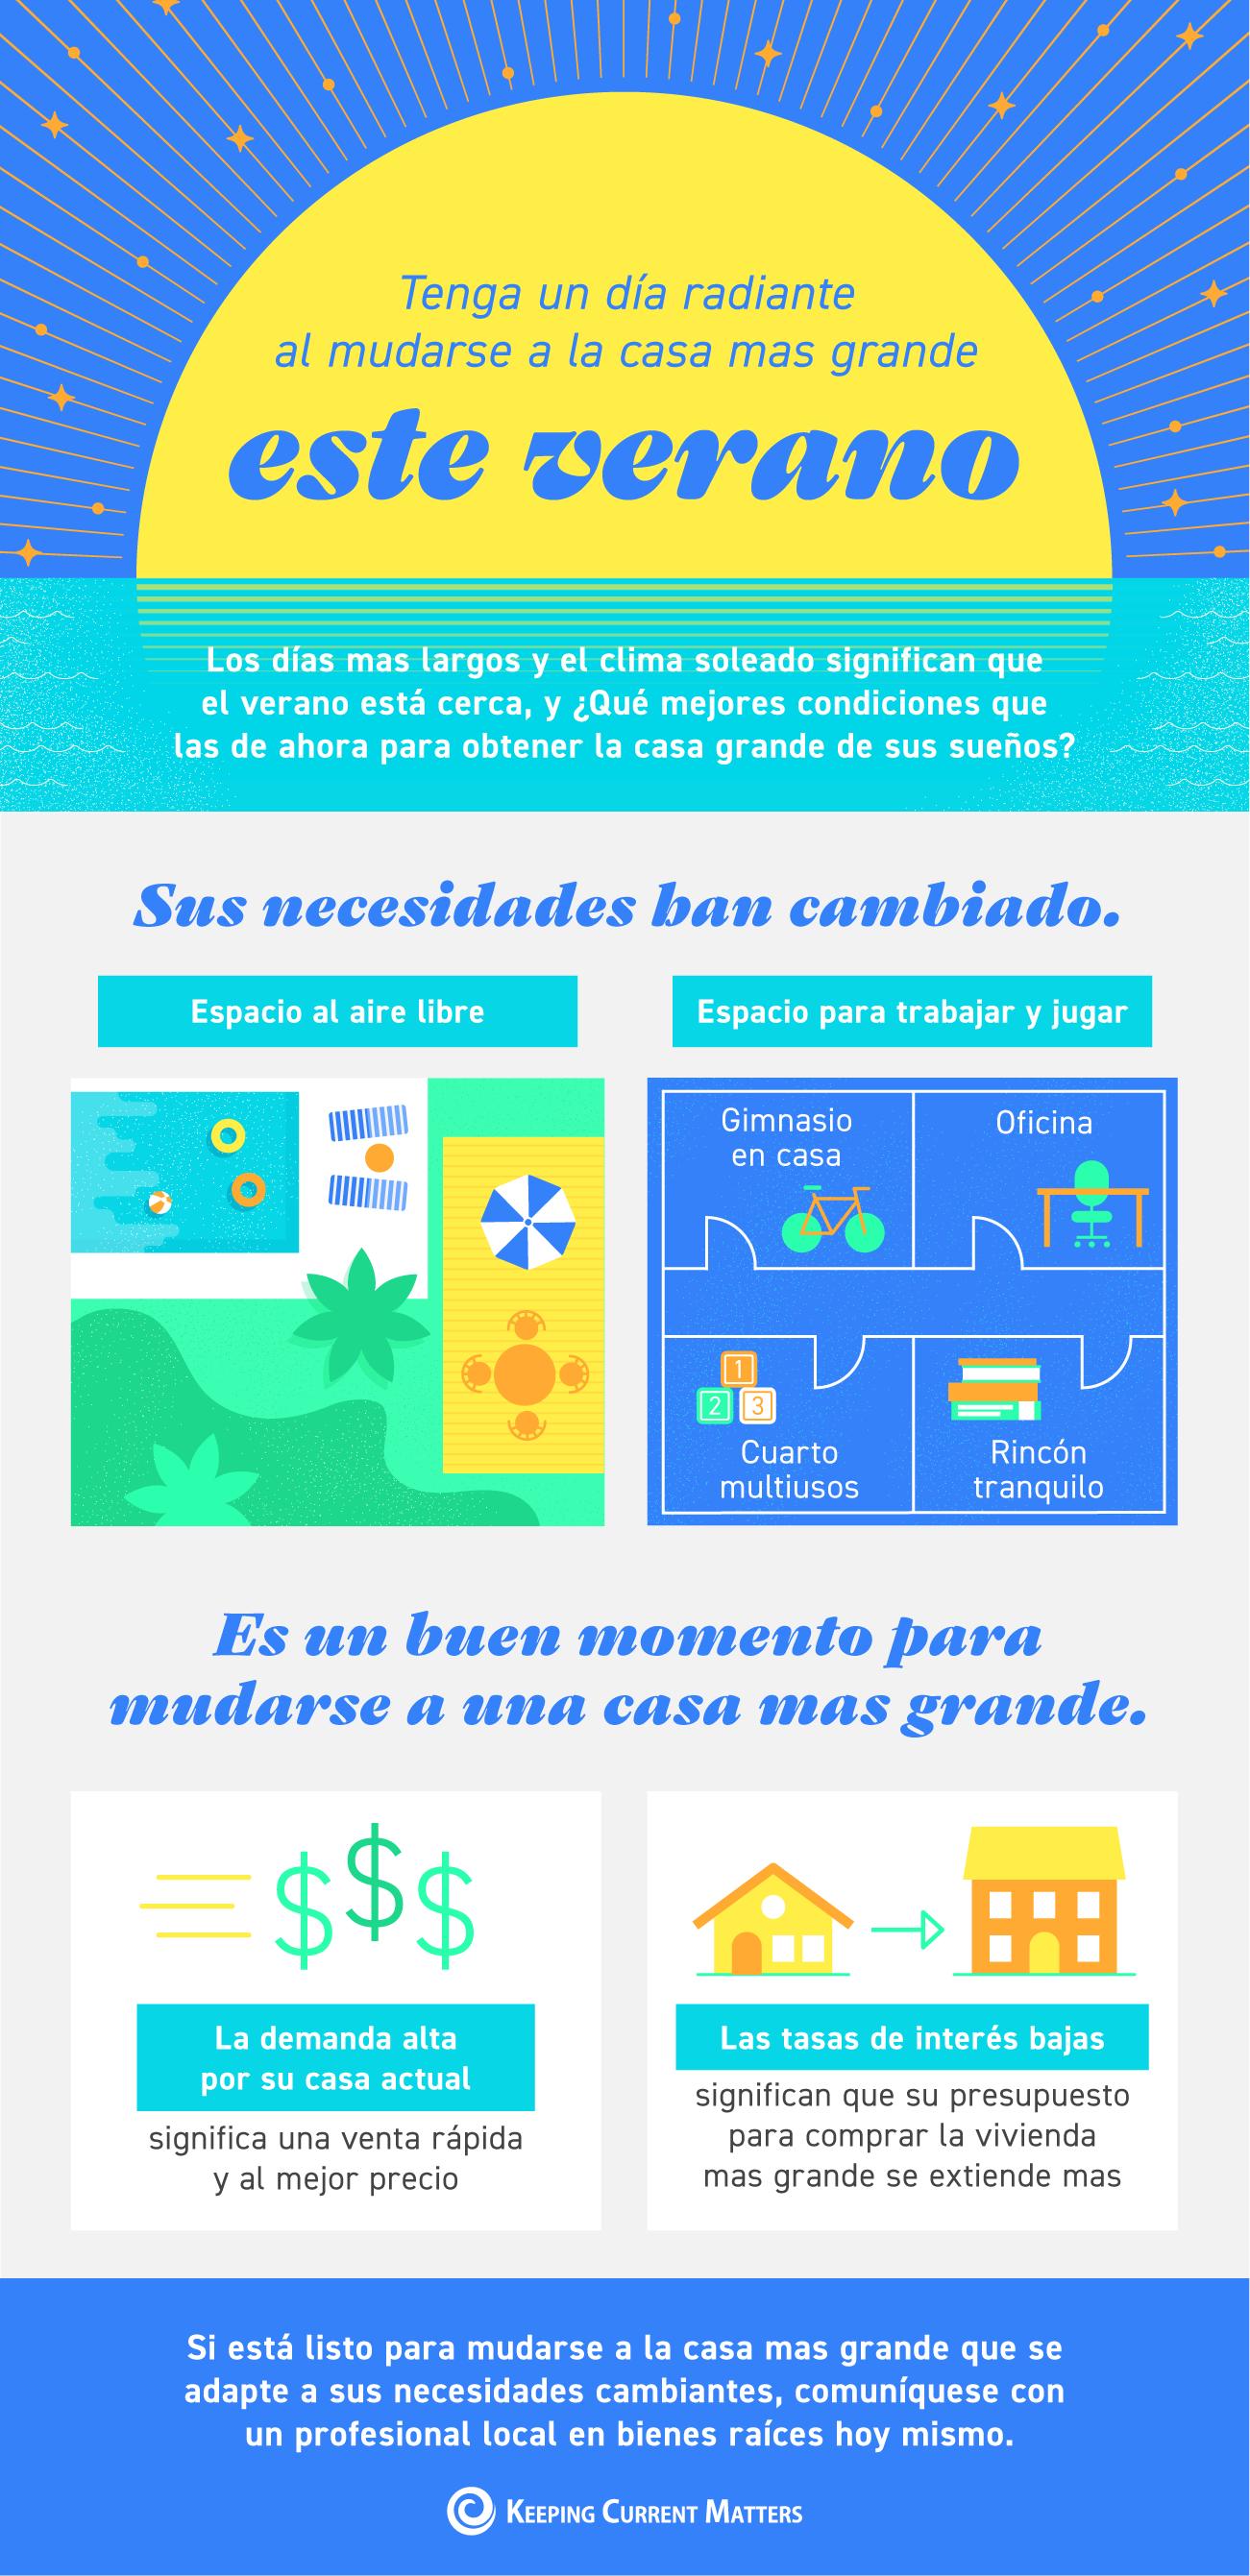 Tenga un día radiante al mudarse a la casa mas grande este verano [infografía] | Keeping Current Matters